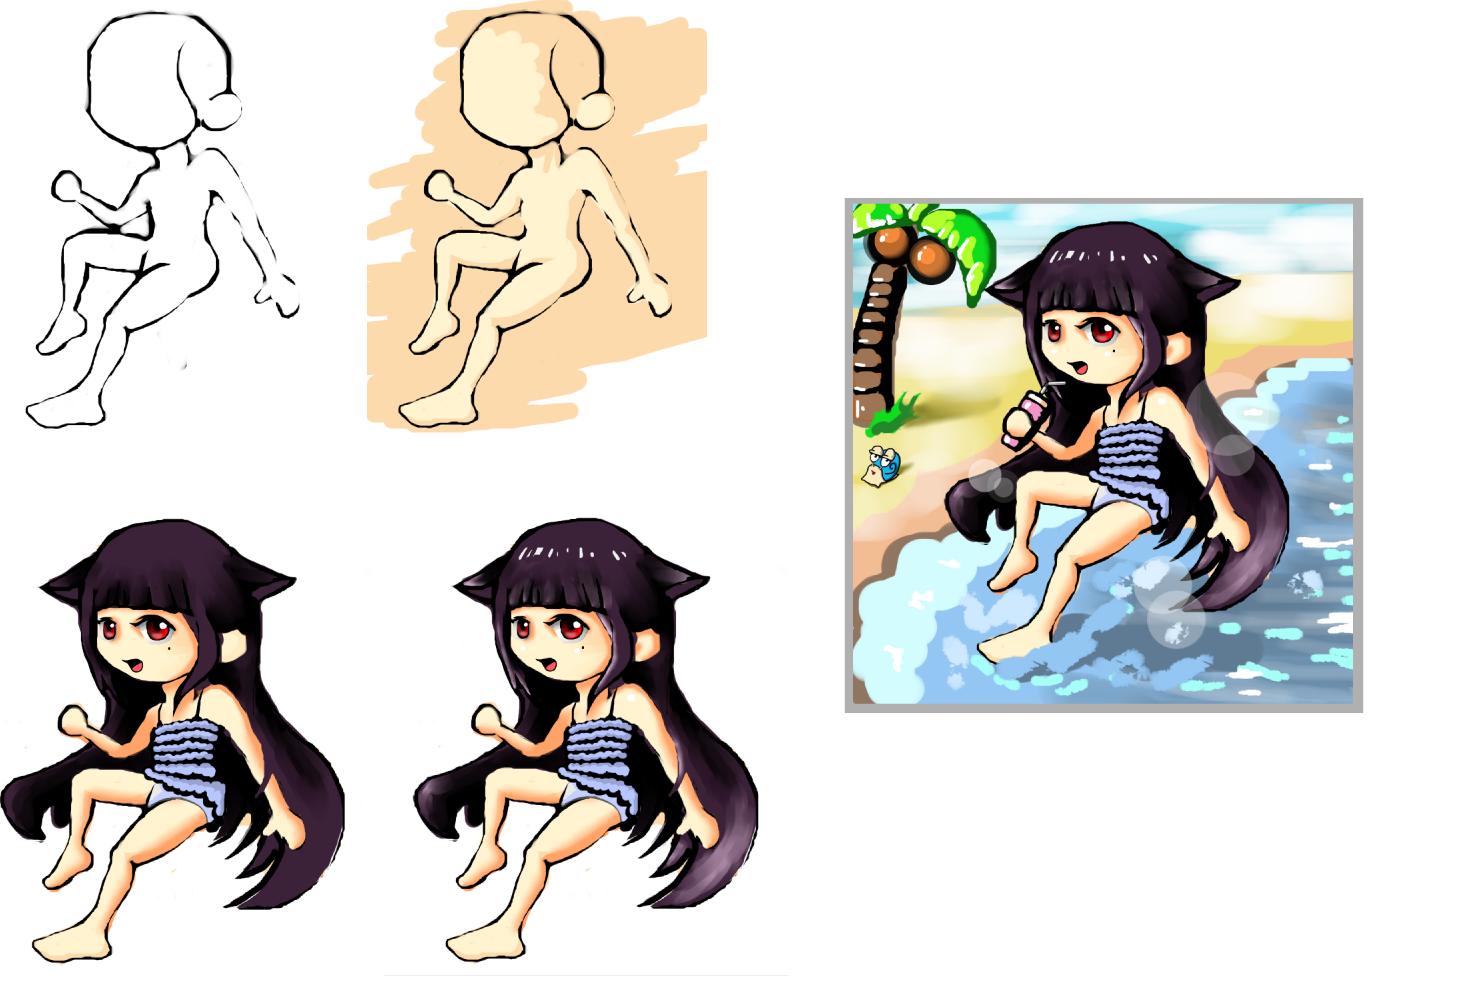 娜娜的沙滩玩水 - 冒险岛游戏贴图区 - 萌芽